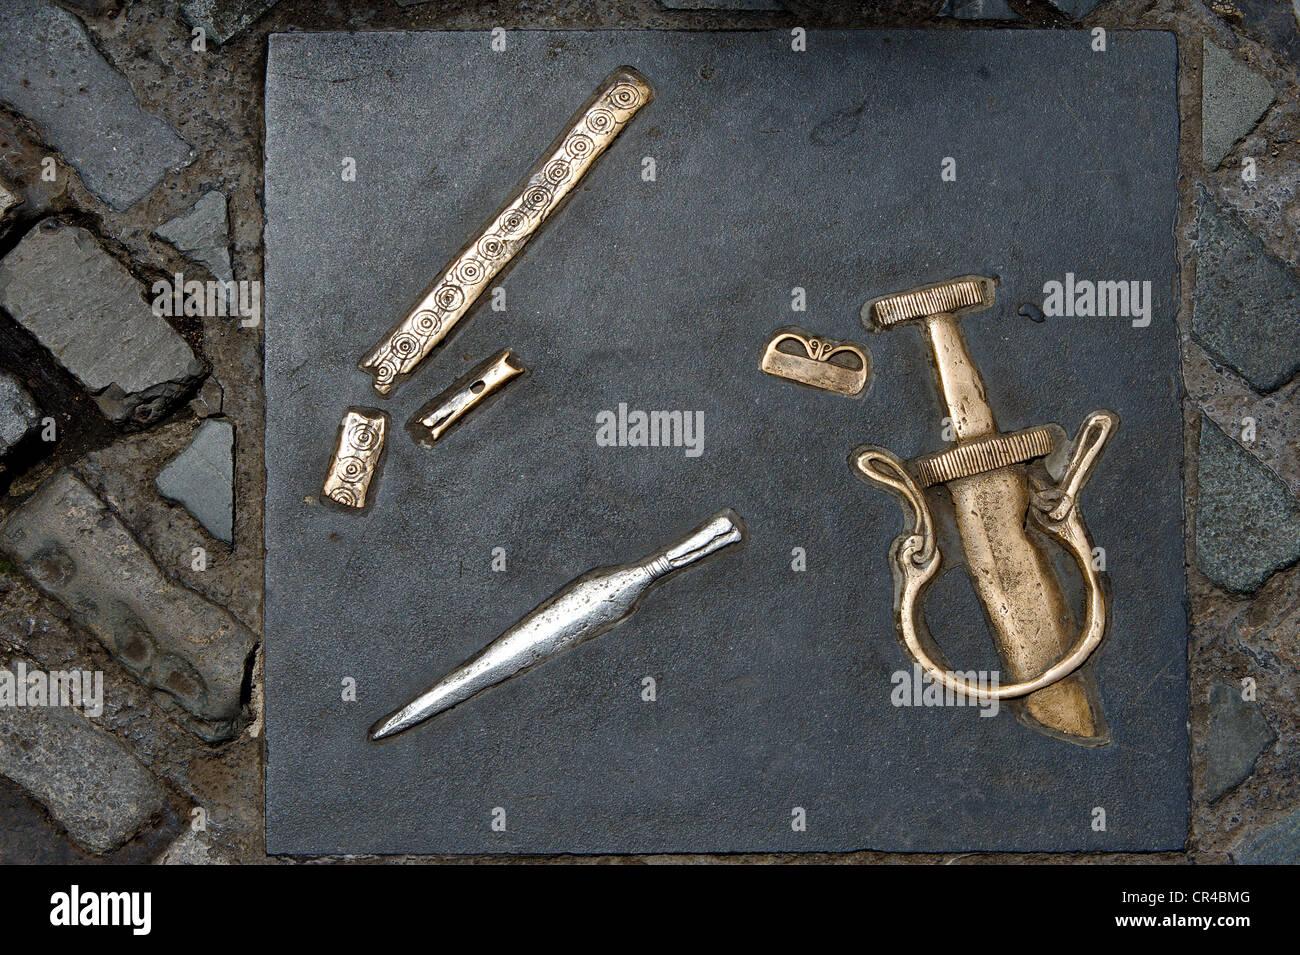 Markierungen der Viking Ausgrabung Entdeckungen in der Nähe von Christ Cathedral, Dublin, Republik Irland, Stockbild